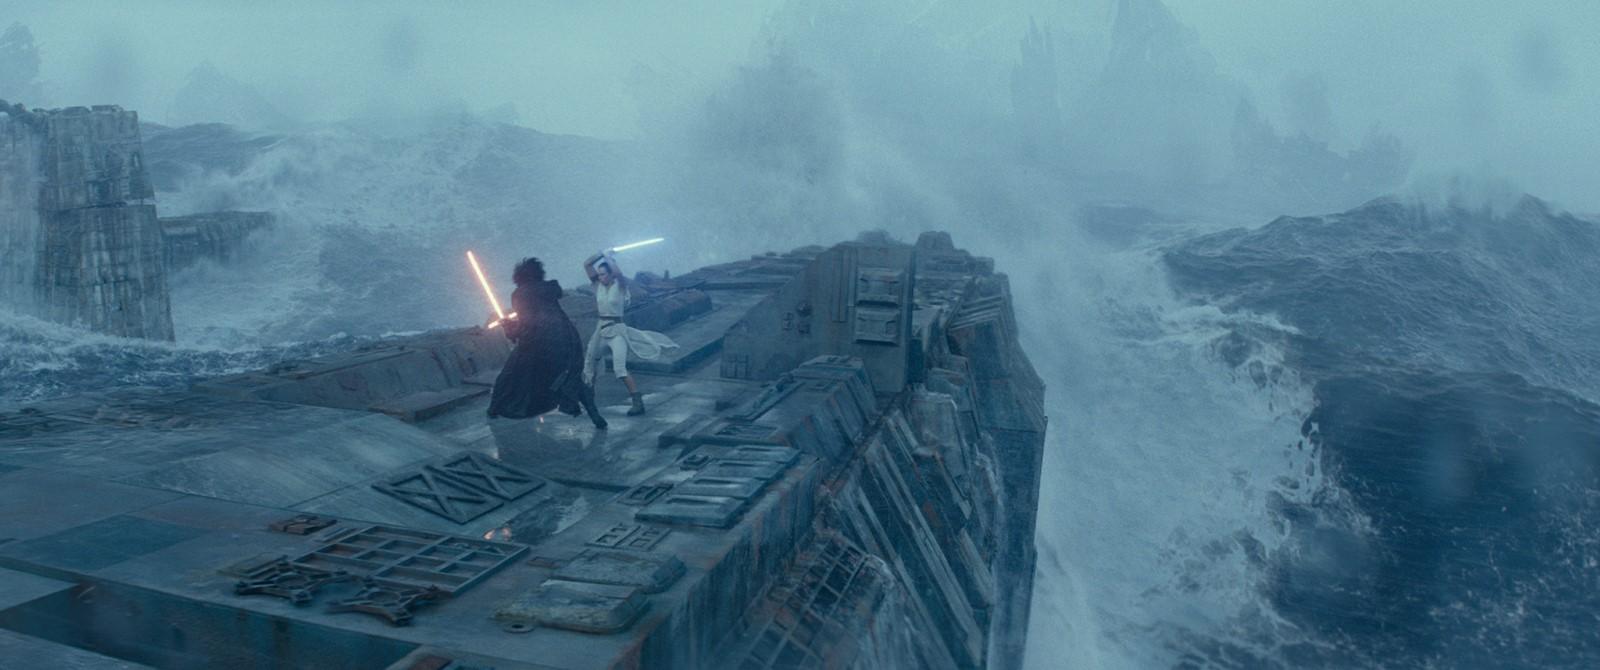 [Films] Star Wars IX : L'Ascension de Skywalker 3233893